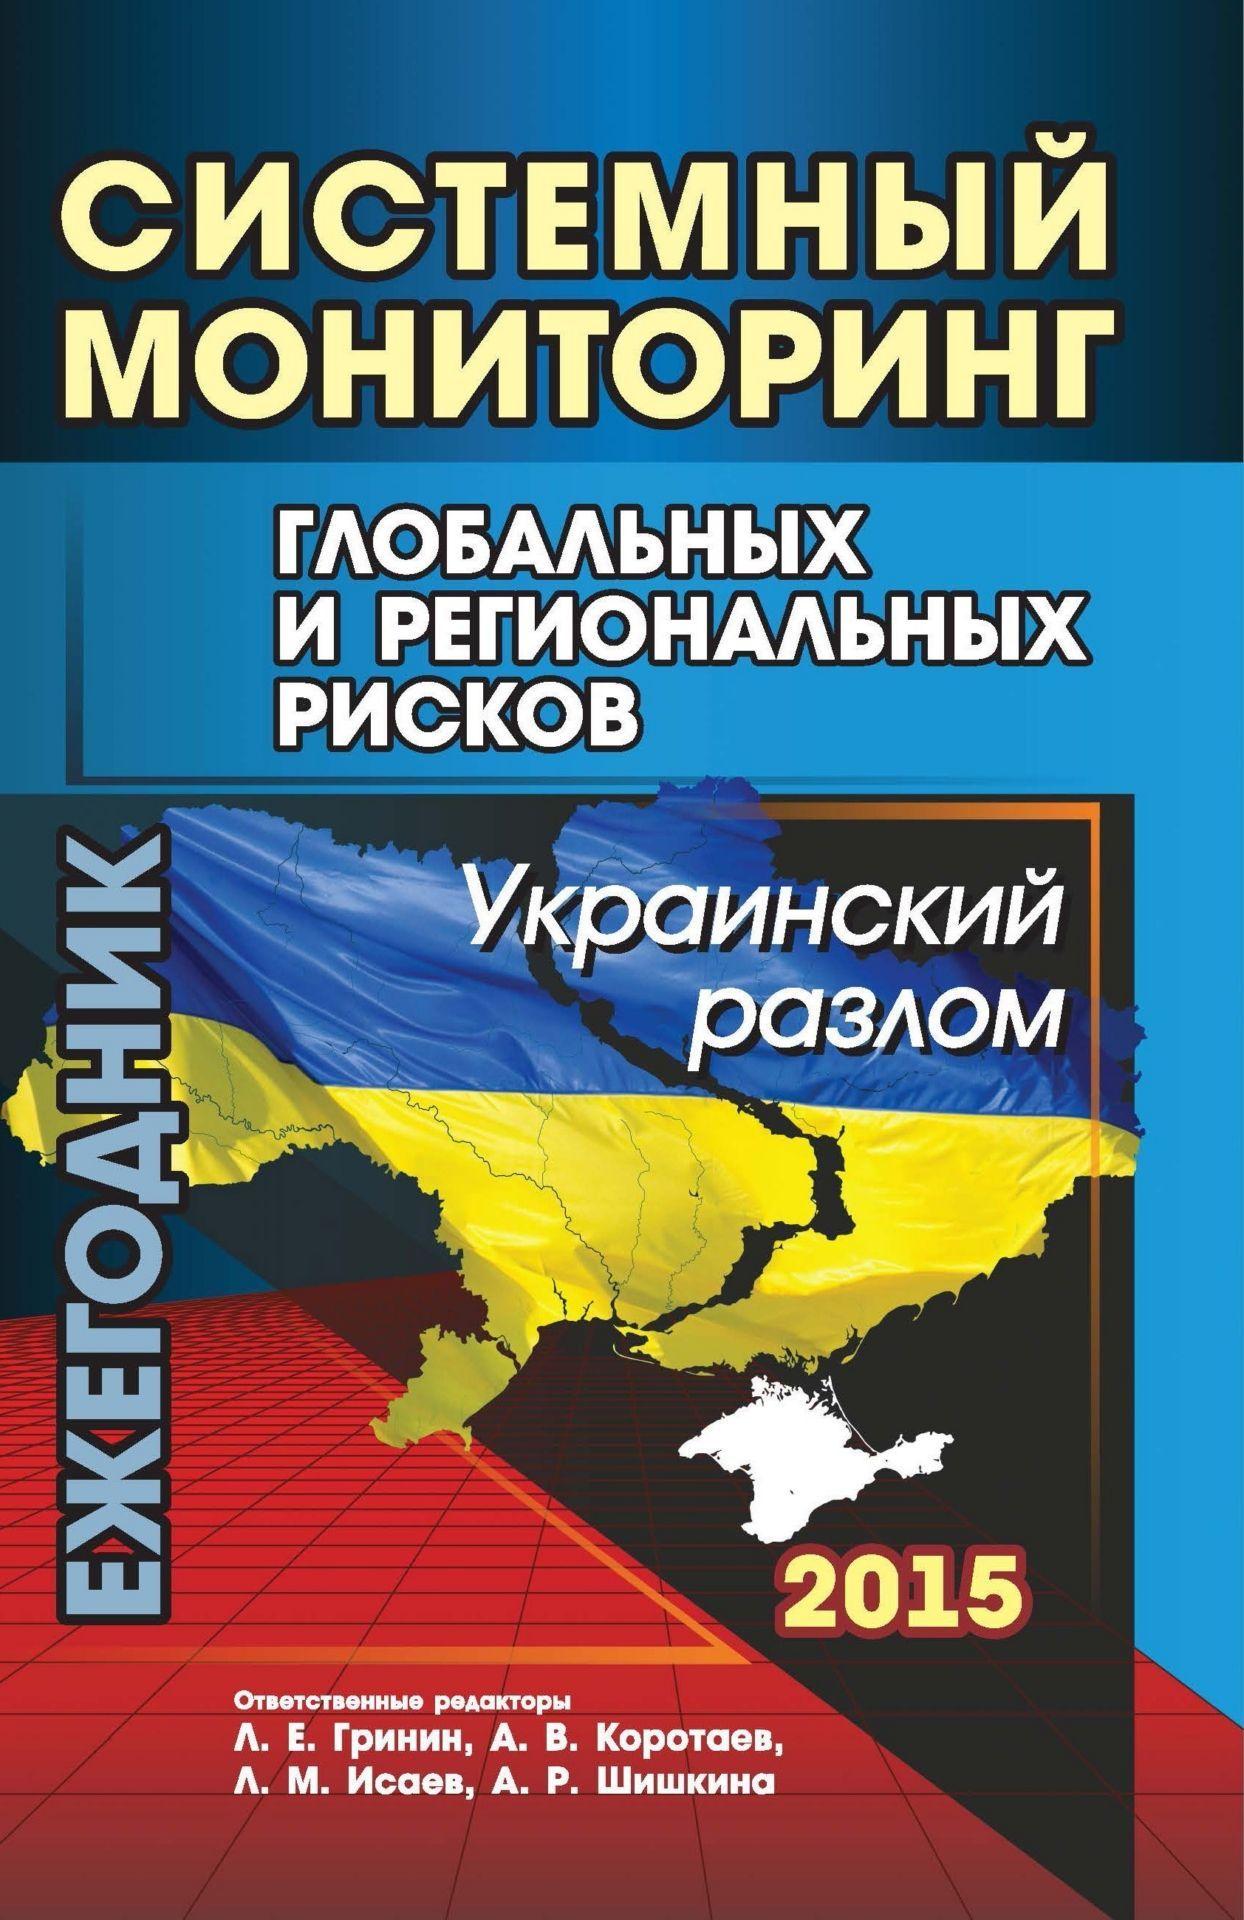 Системный мониторинг глобальных и региональных рисков: Украинский разлом: ежегодник